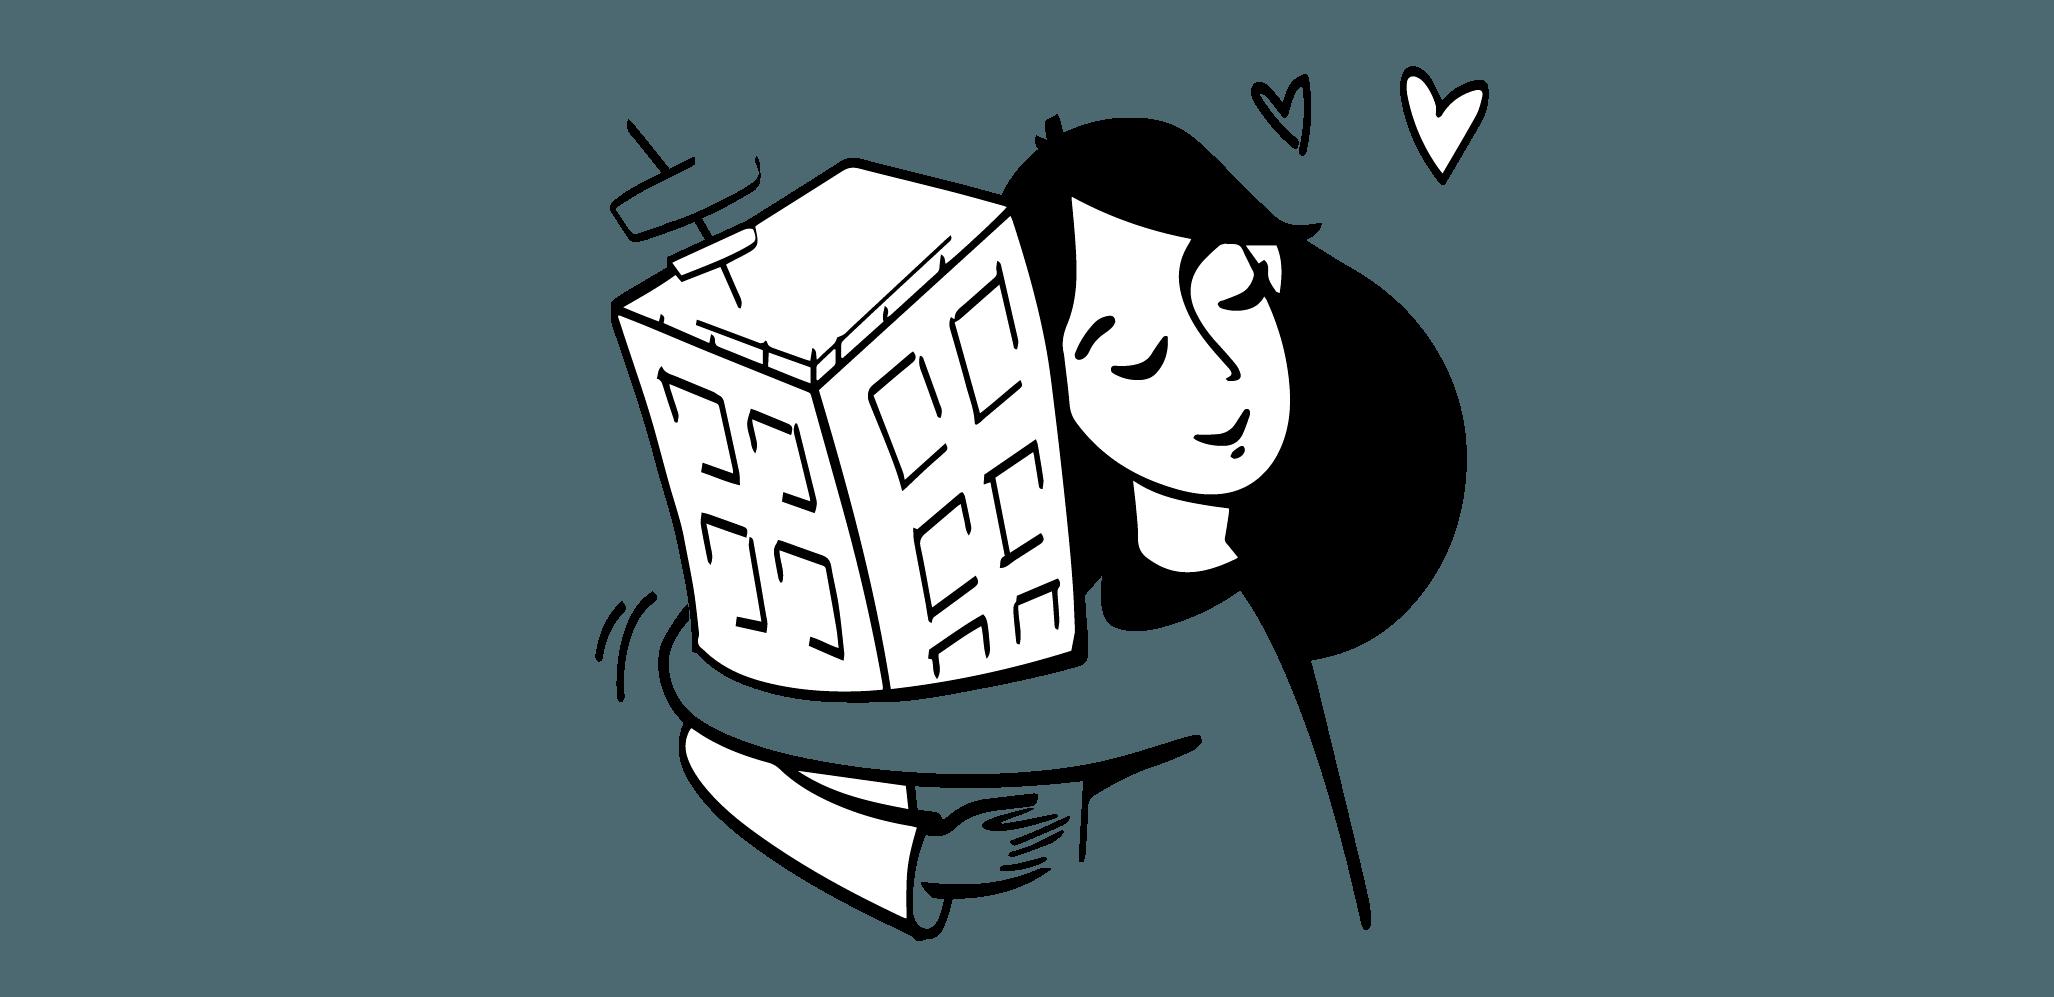 Возьми ипотеку - плати через год